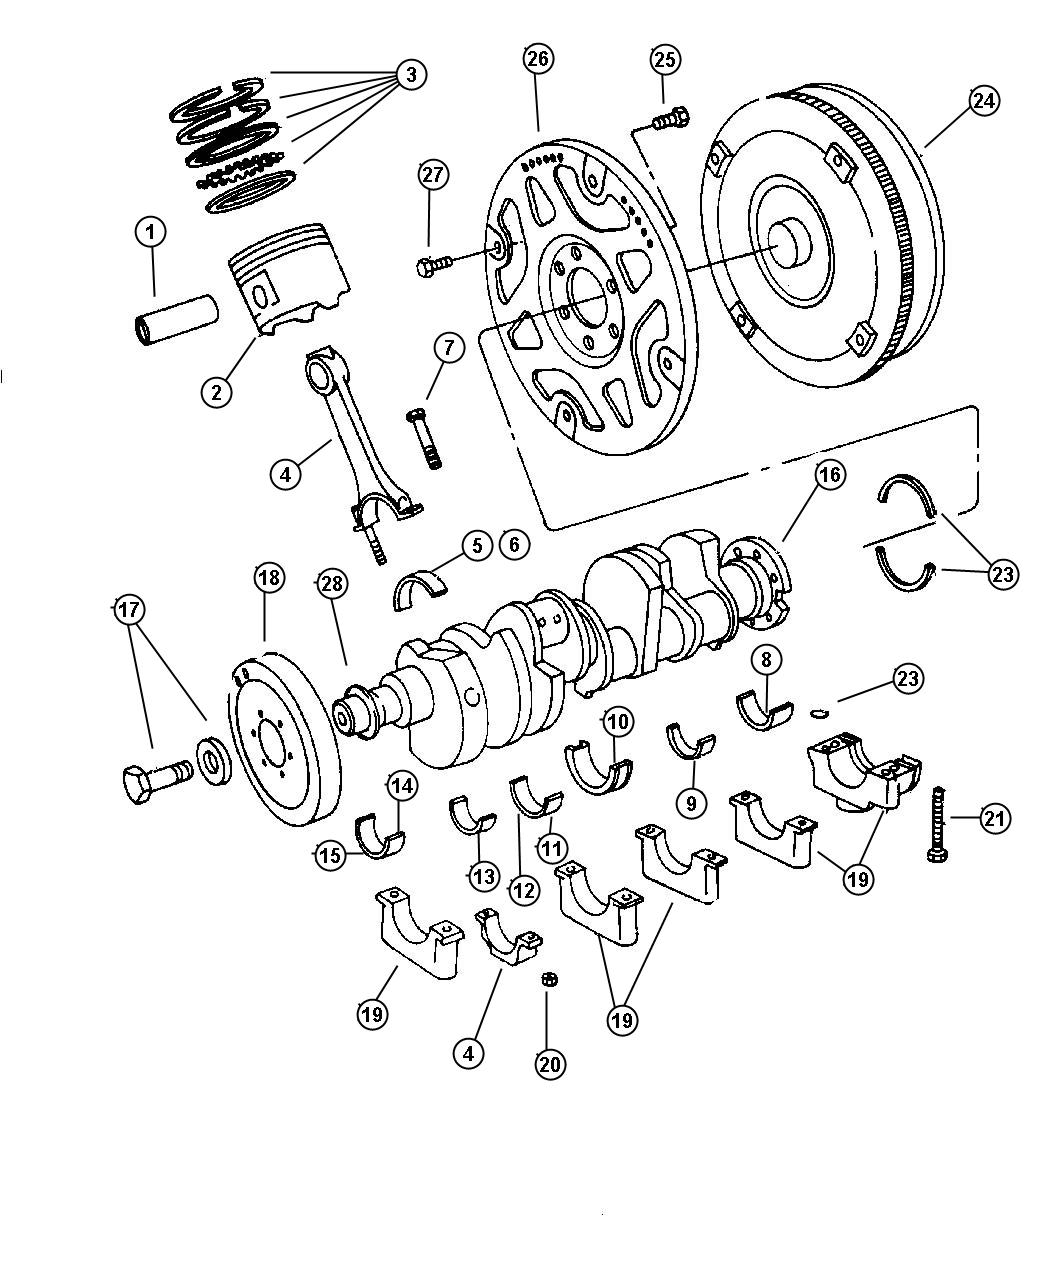 52118255 - Plate. Torque converter drive. Eln | Mopar ...